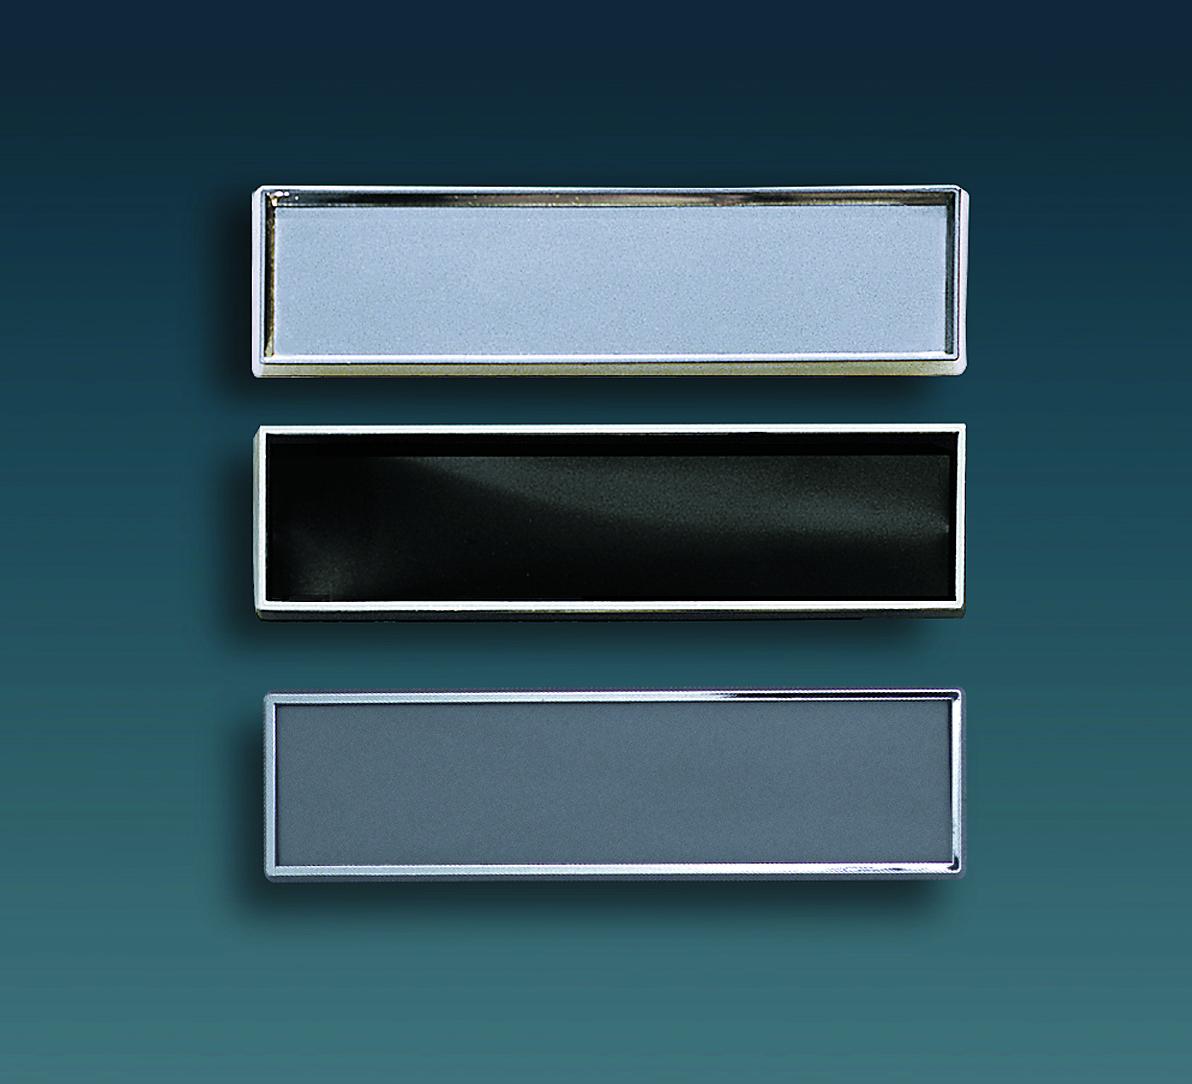 Imikimi Zo - Photo Album Frames - Picture Frame with Name plate Photo frame with nameplate